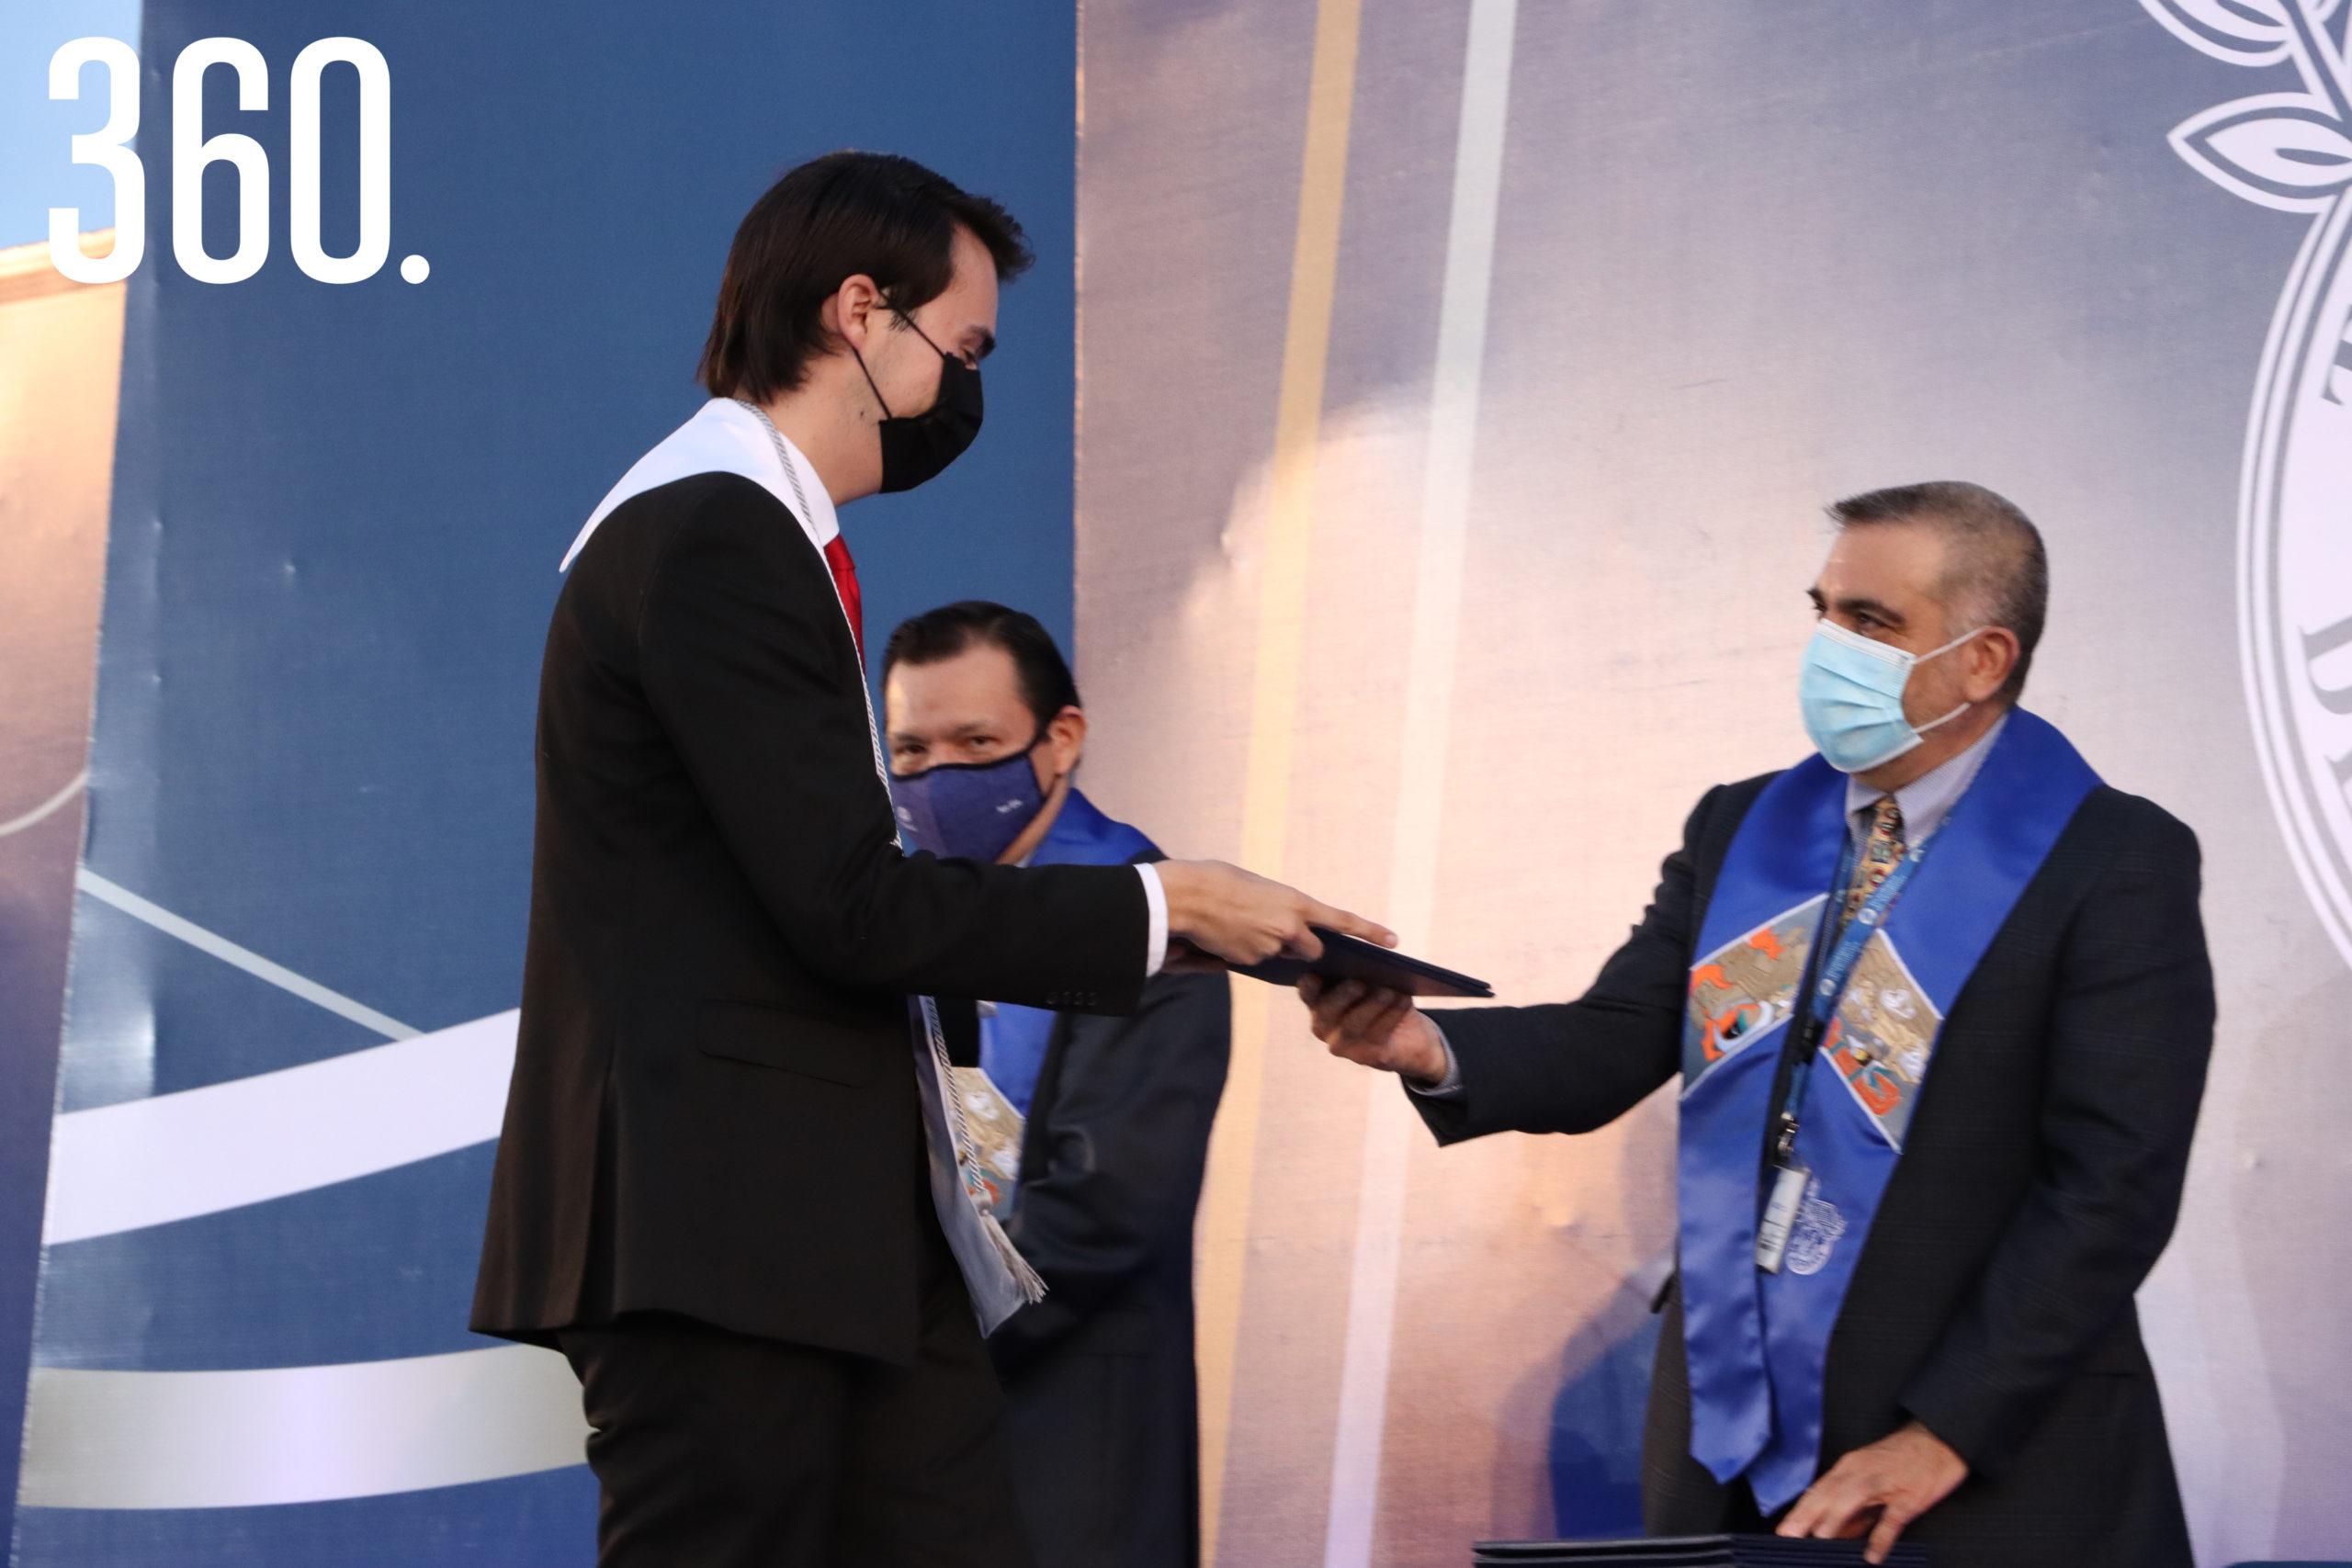 Diego José Mercado recibió su certificado y Mención Honorífica de manos de Gilberto Tomás Armienta Trejo.